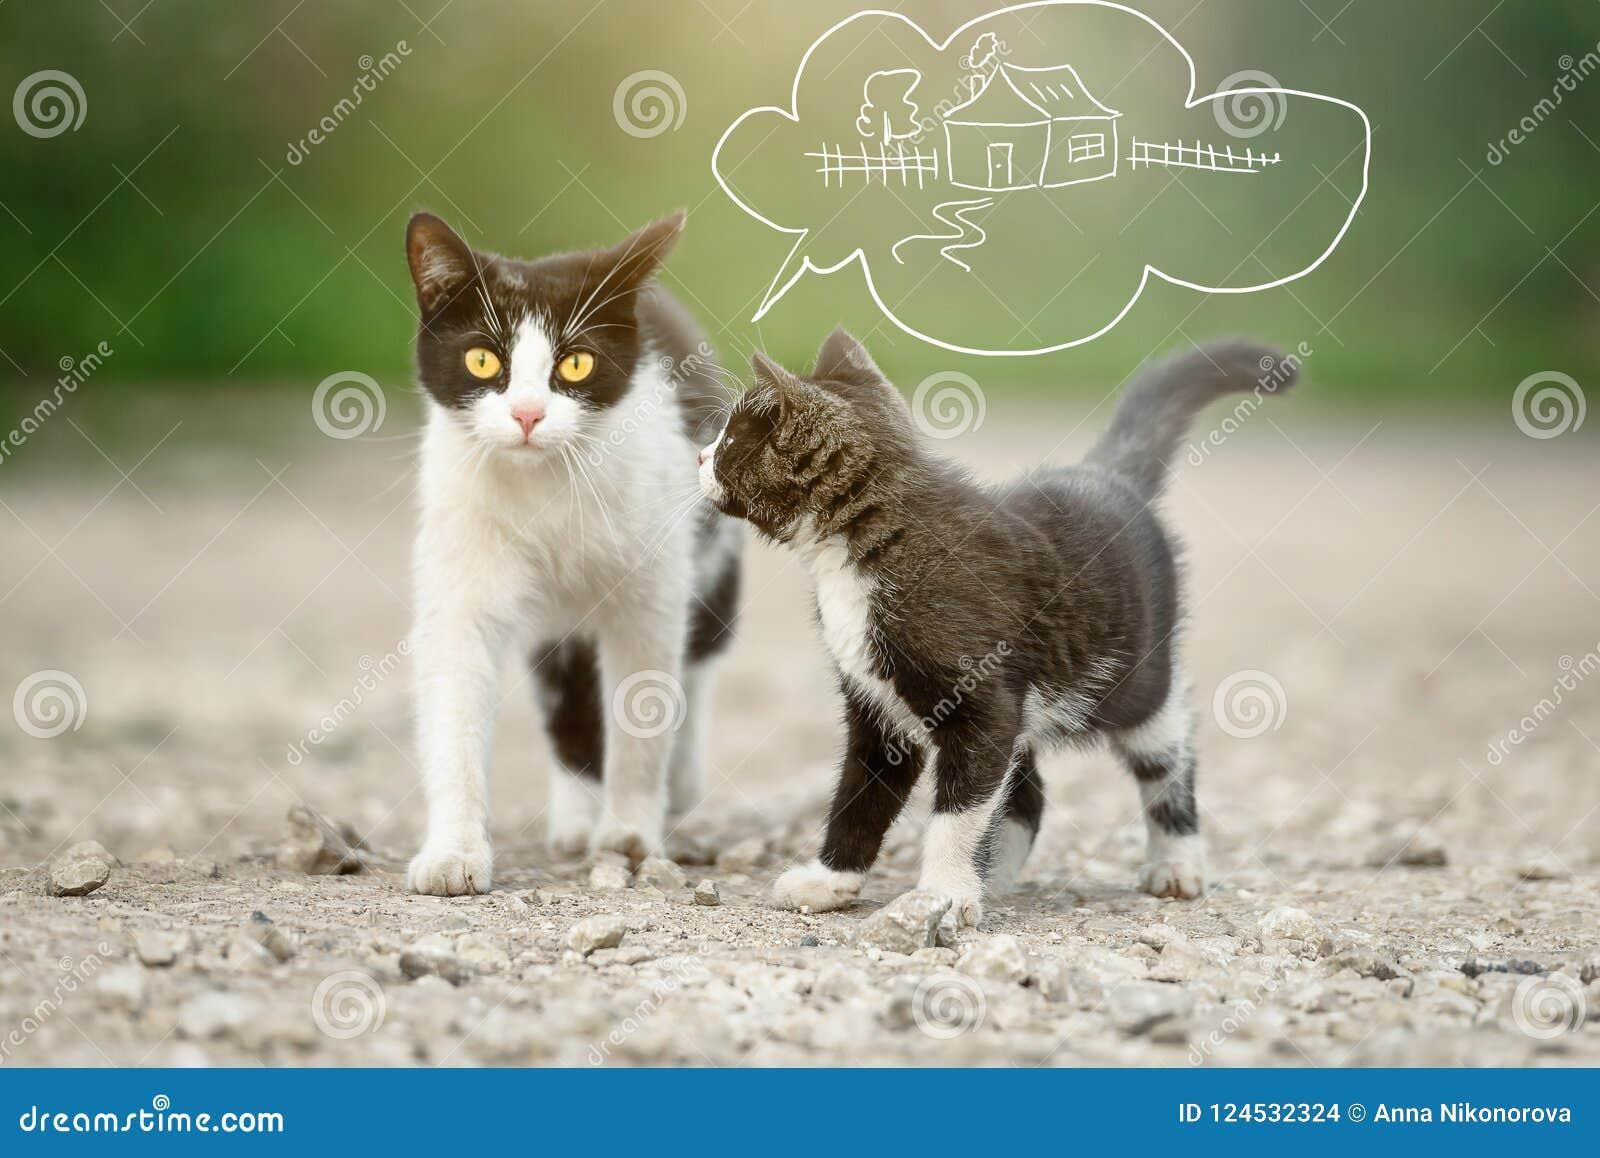 Kot z figlarką marzy znajdować dom